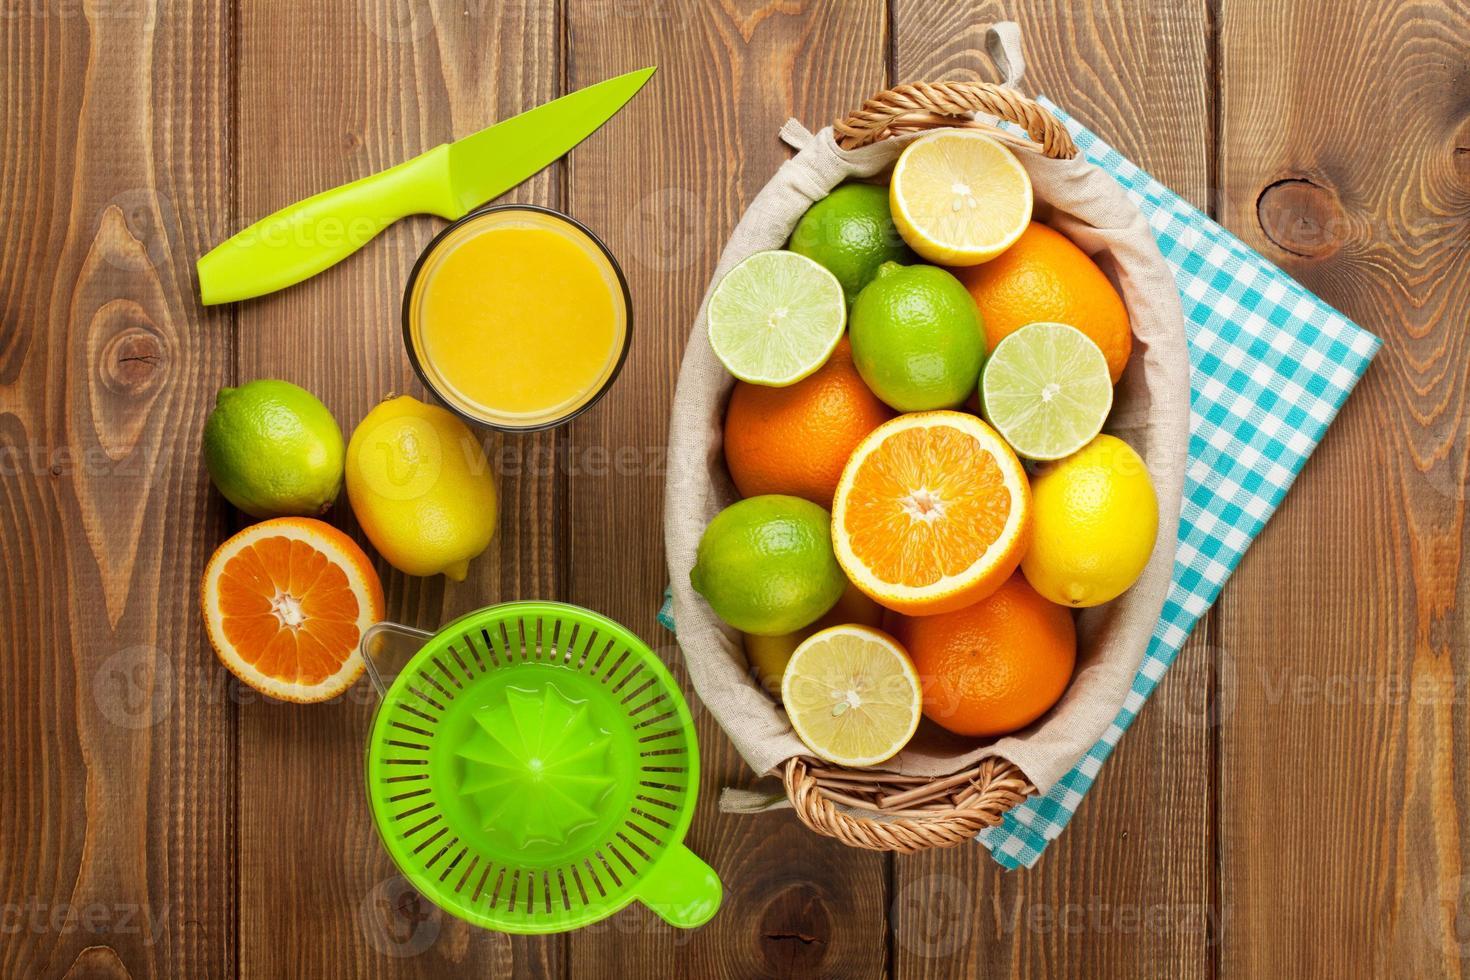 frutas cítricas e copo de suco. laranjas, limas e limões foto